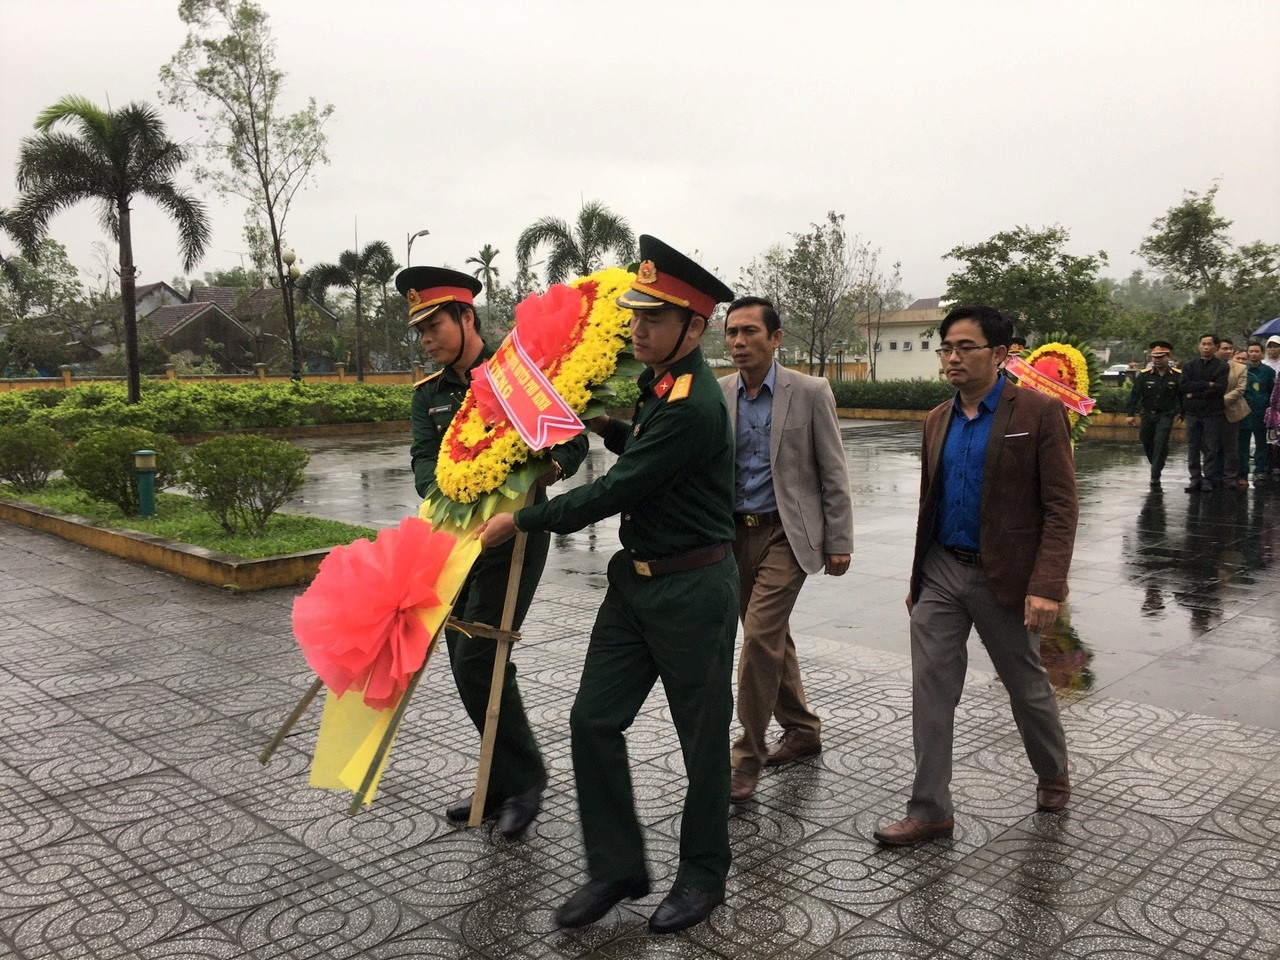 Lãnh đạo huyện Phú Ninh tổ chức viếng hương Nghĩa trang liệt sĩ huyện nhân 76 năm Ngày thành lập Quân đội nhân dân Việt Nam. Ảnh: H.C